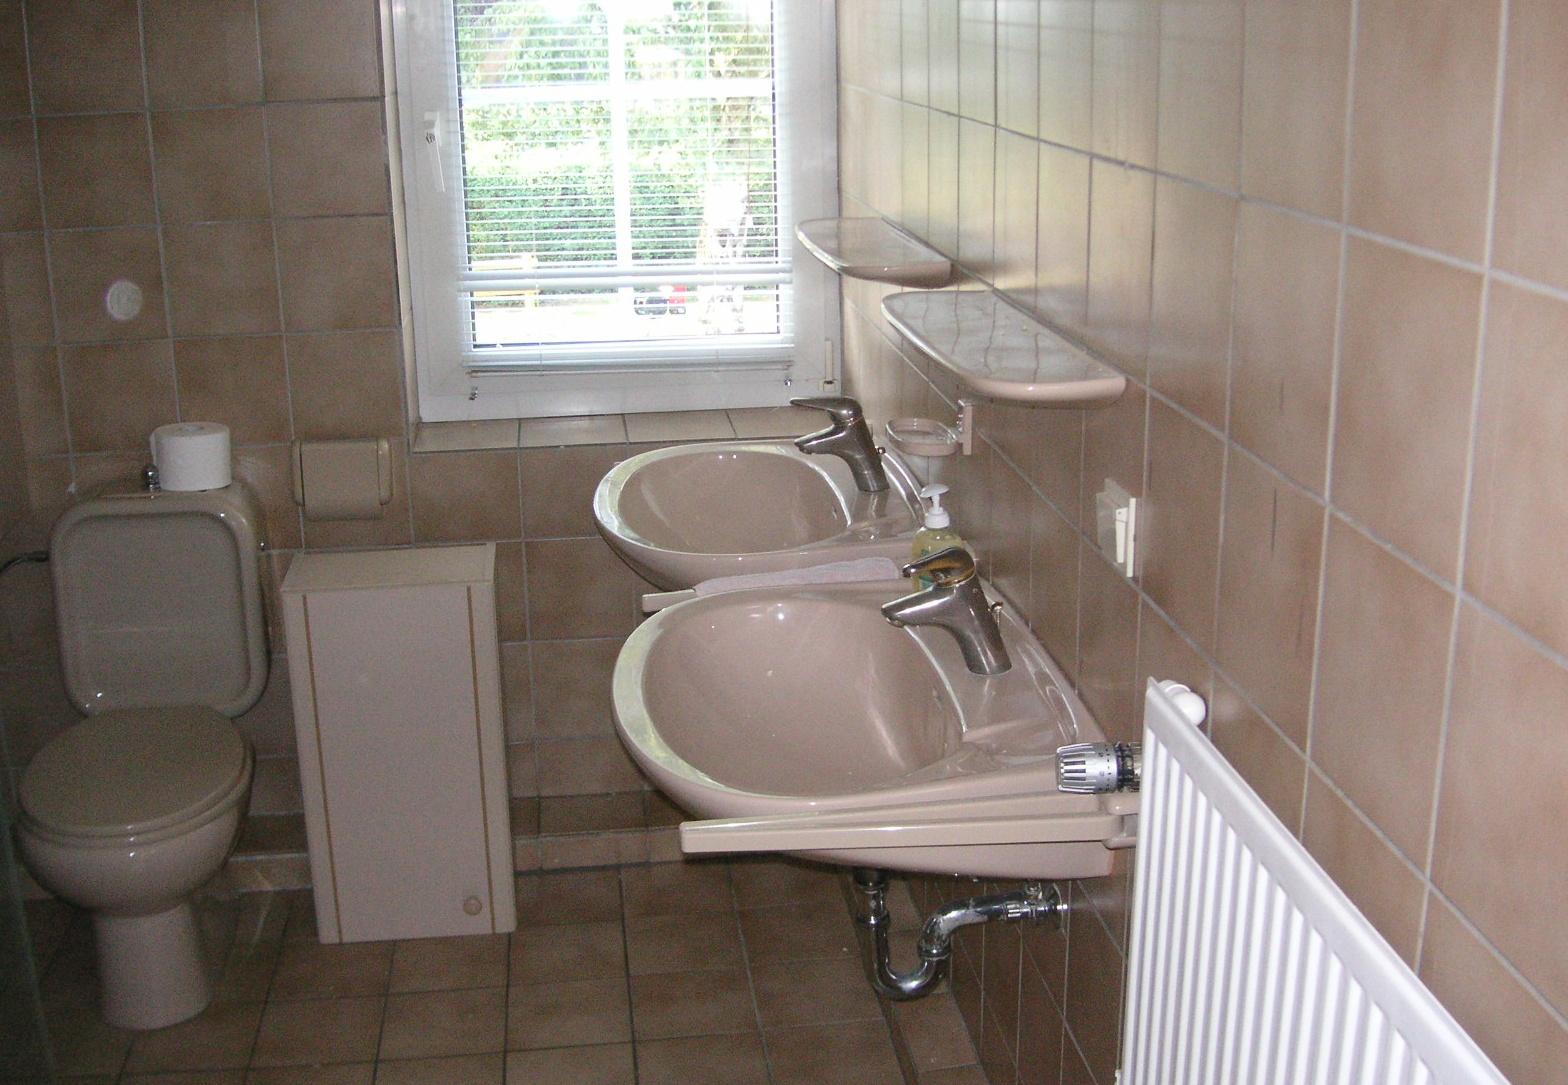 Bad Sanitar Badezimmersanierung Aus Einer Hand In Pinneberg Und Umgebung